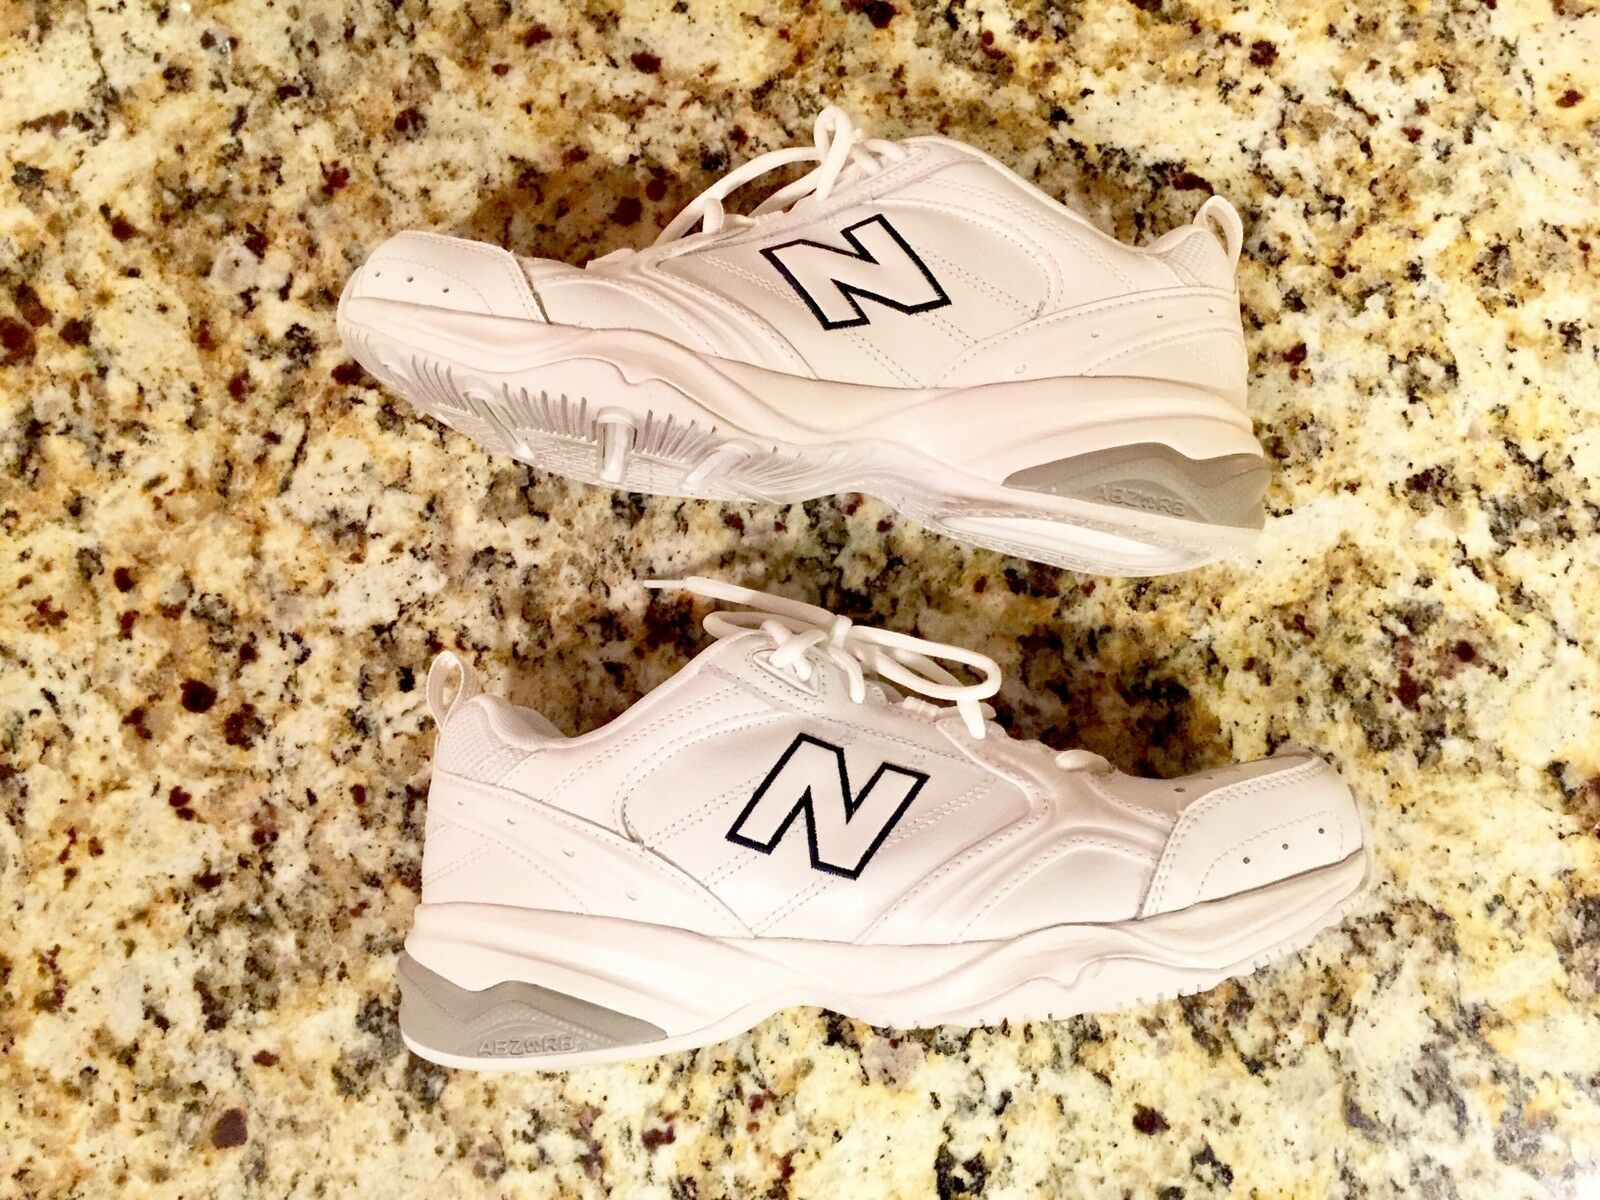 New balance 624 Wx624wt2 blancoo blancoo blancoo para Mujeres Zapatillas de entrenamiento  promociones